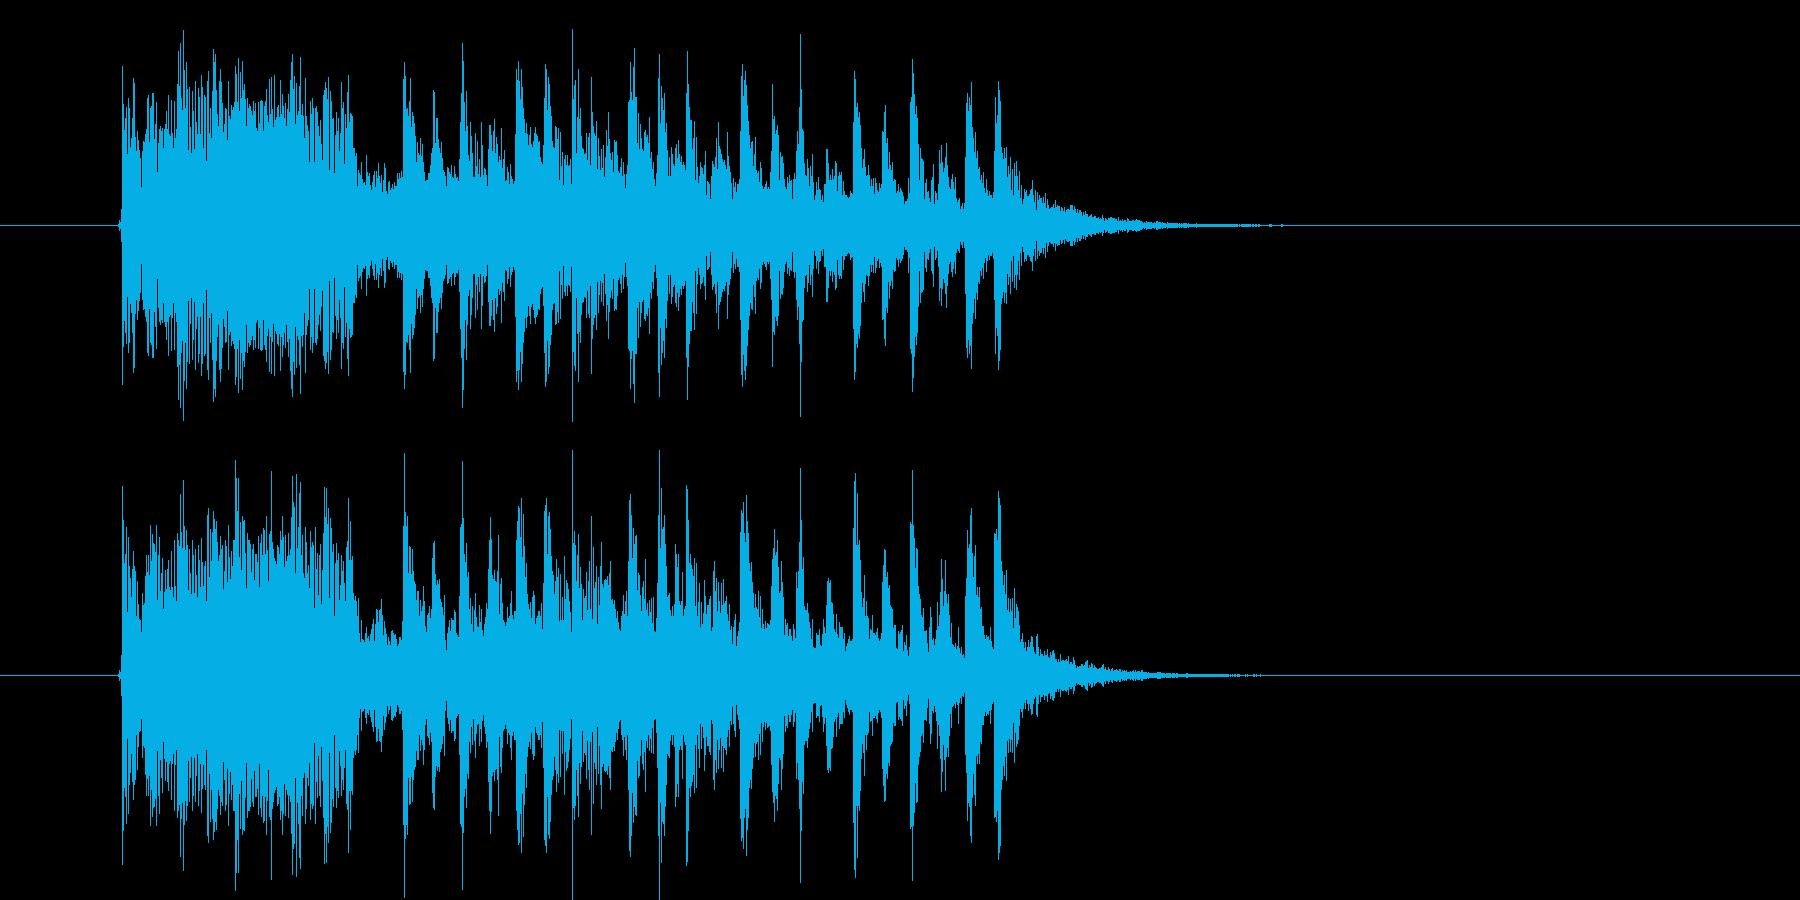 疾走感のあるミステリアスなミュージックの再生済みの波形